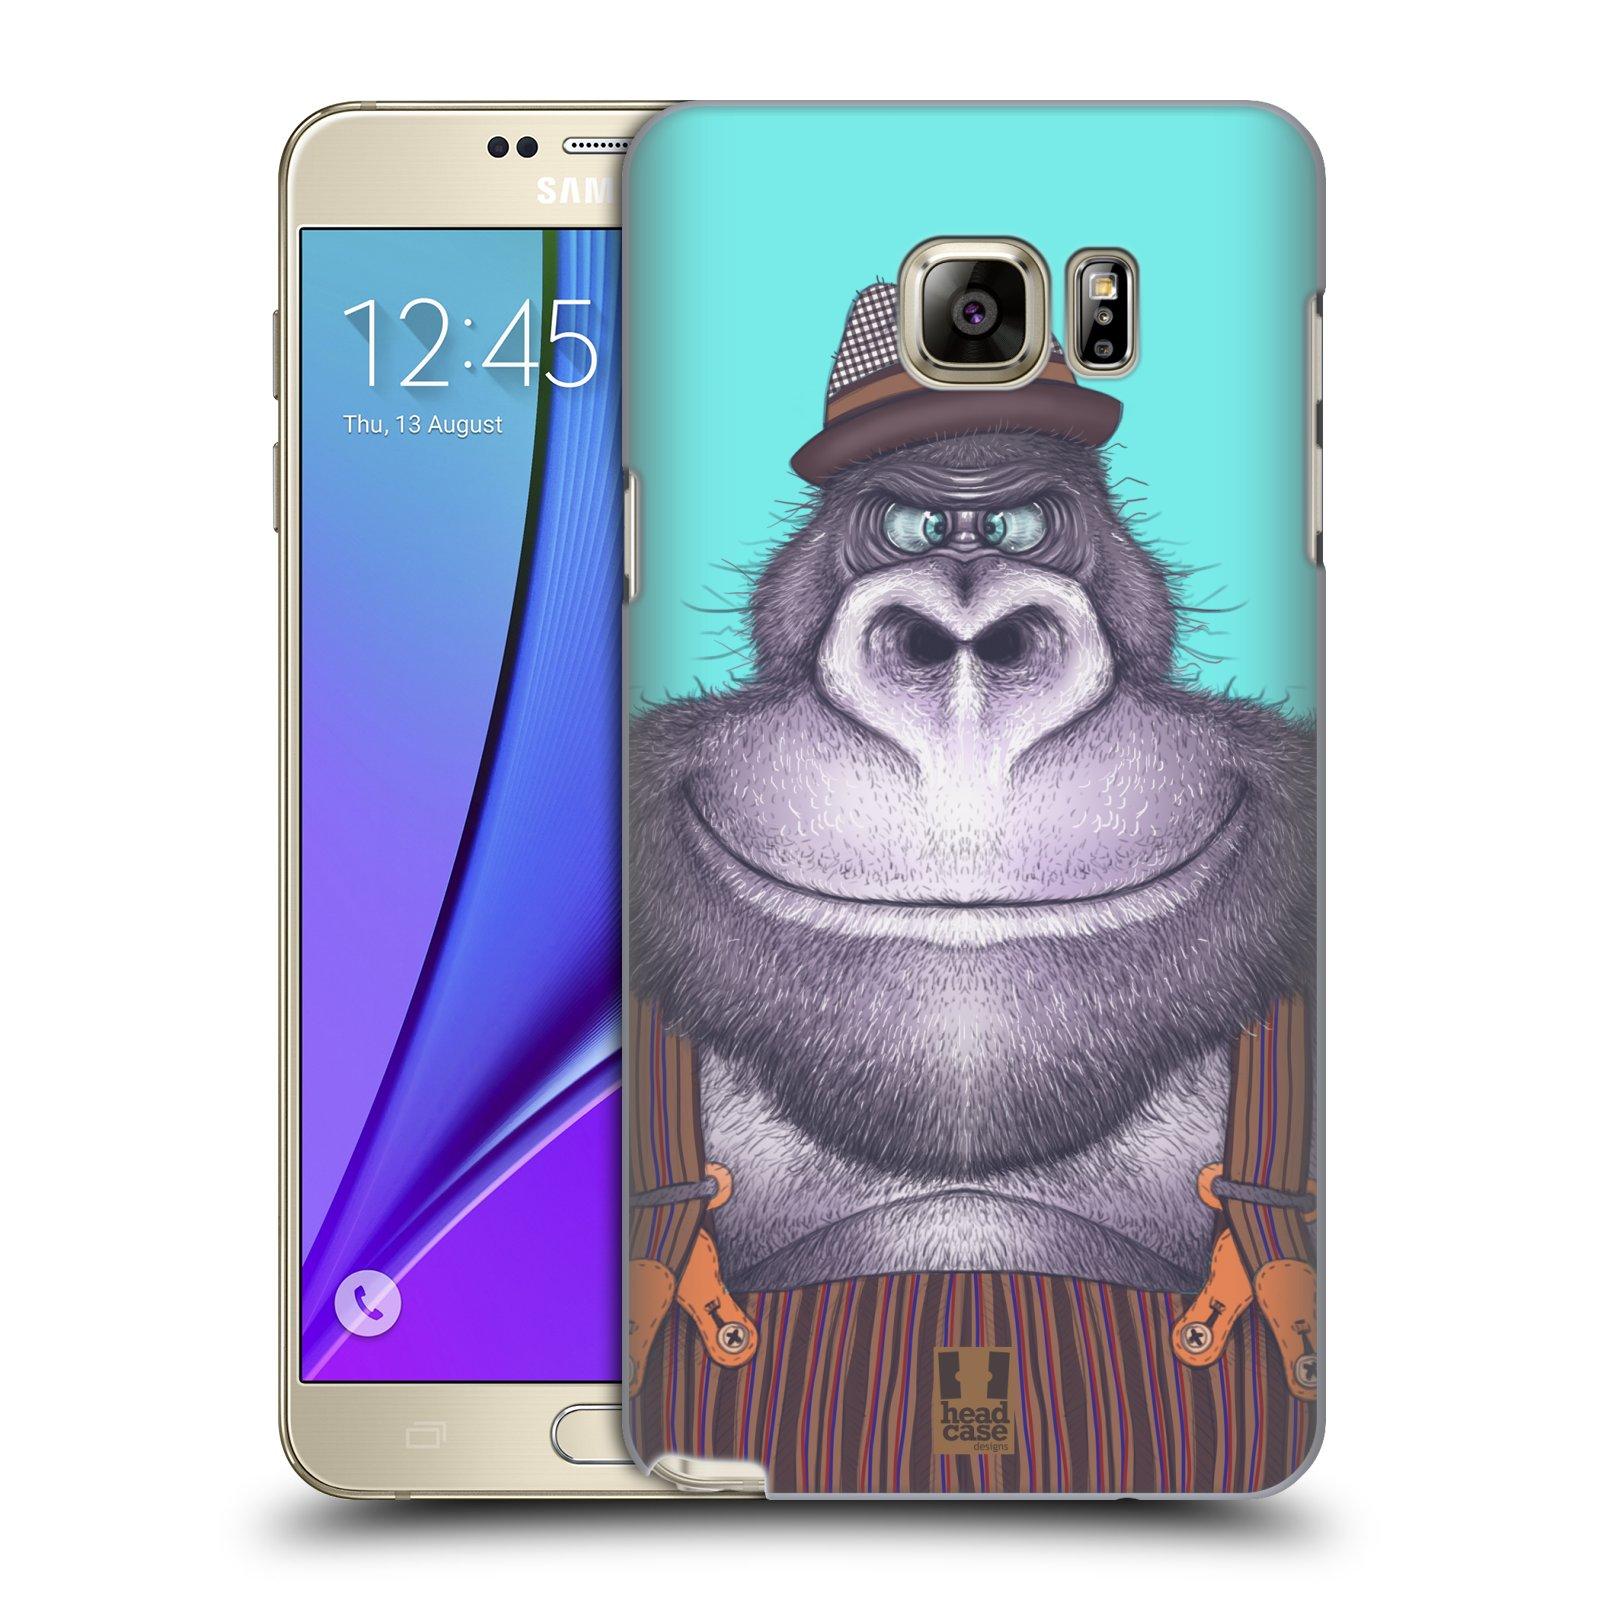 HEAD CASE plastový obal na mobil SAMSUNG Galaxy Note 5 (N920) vzor Kreslená zvířátka gorila